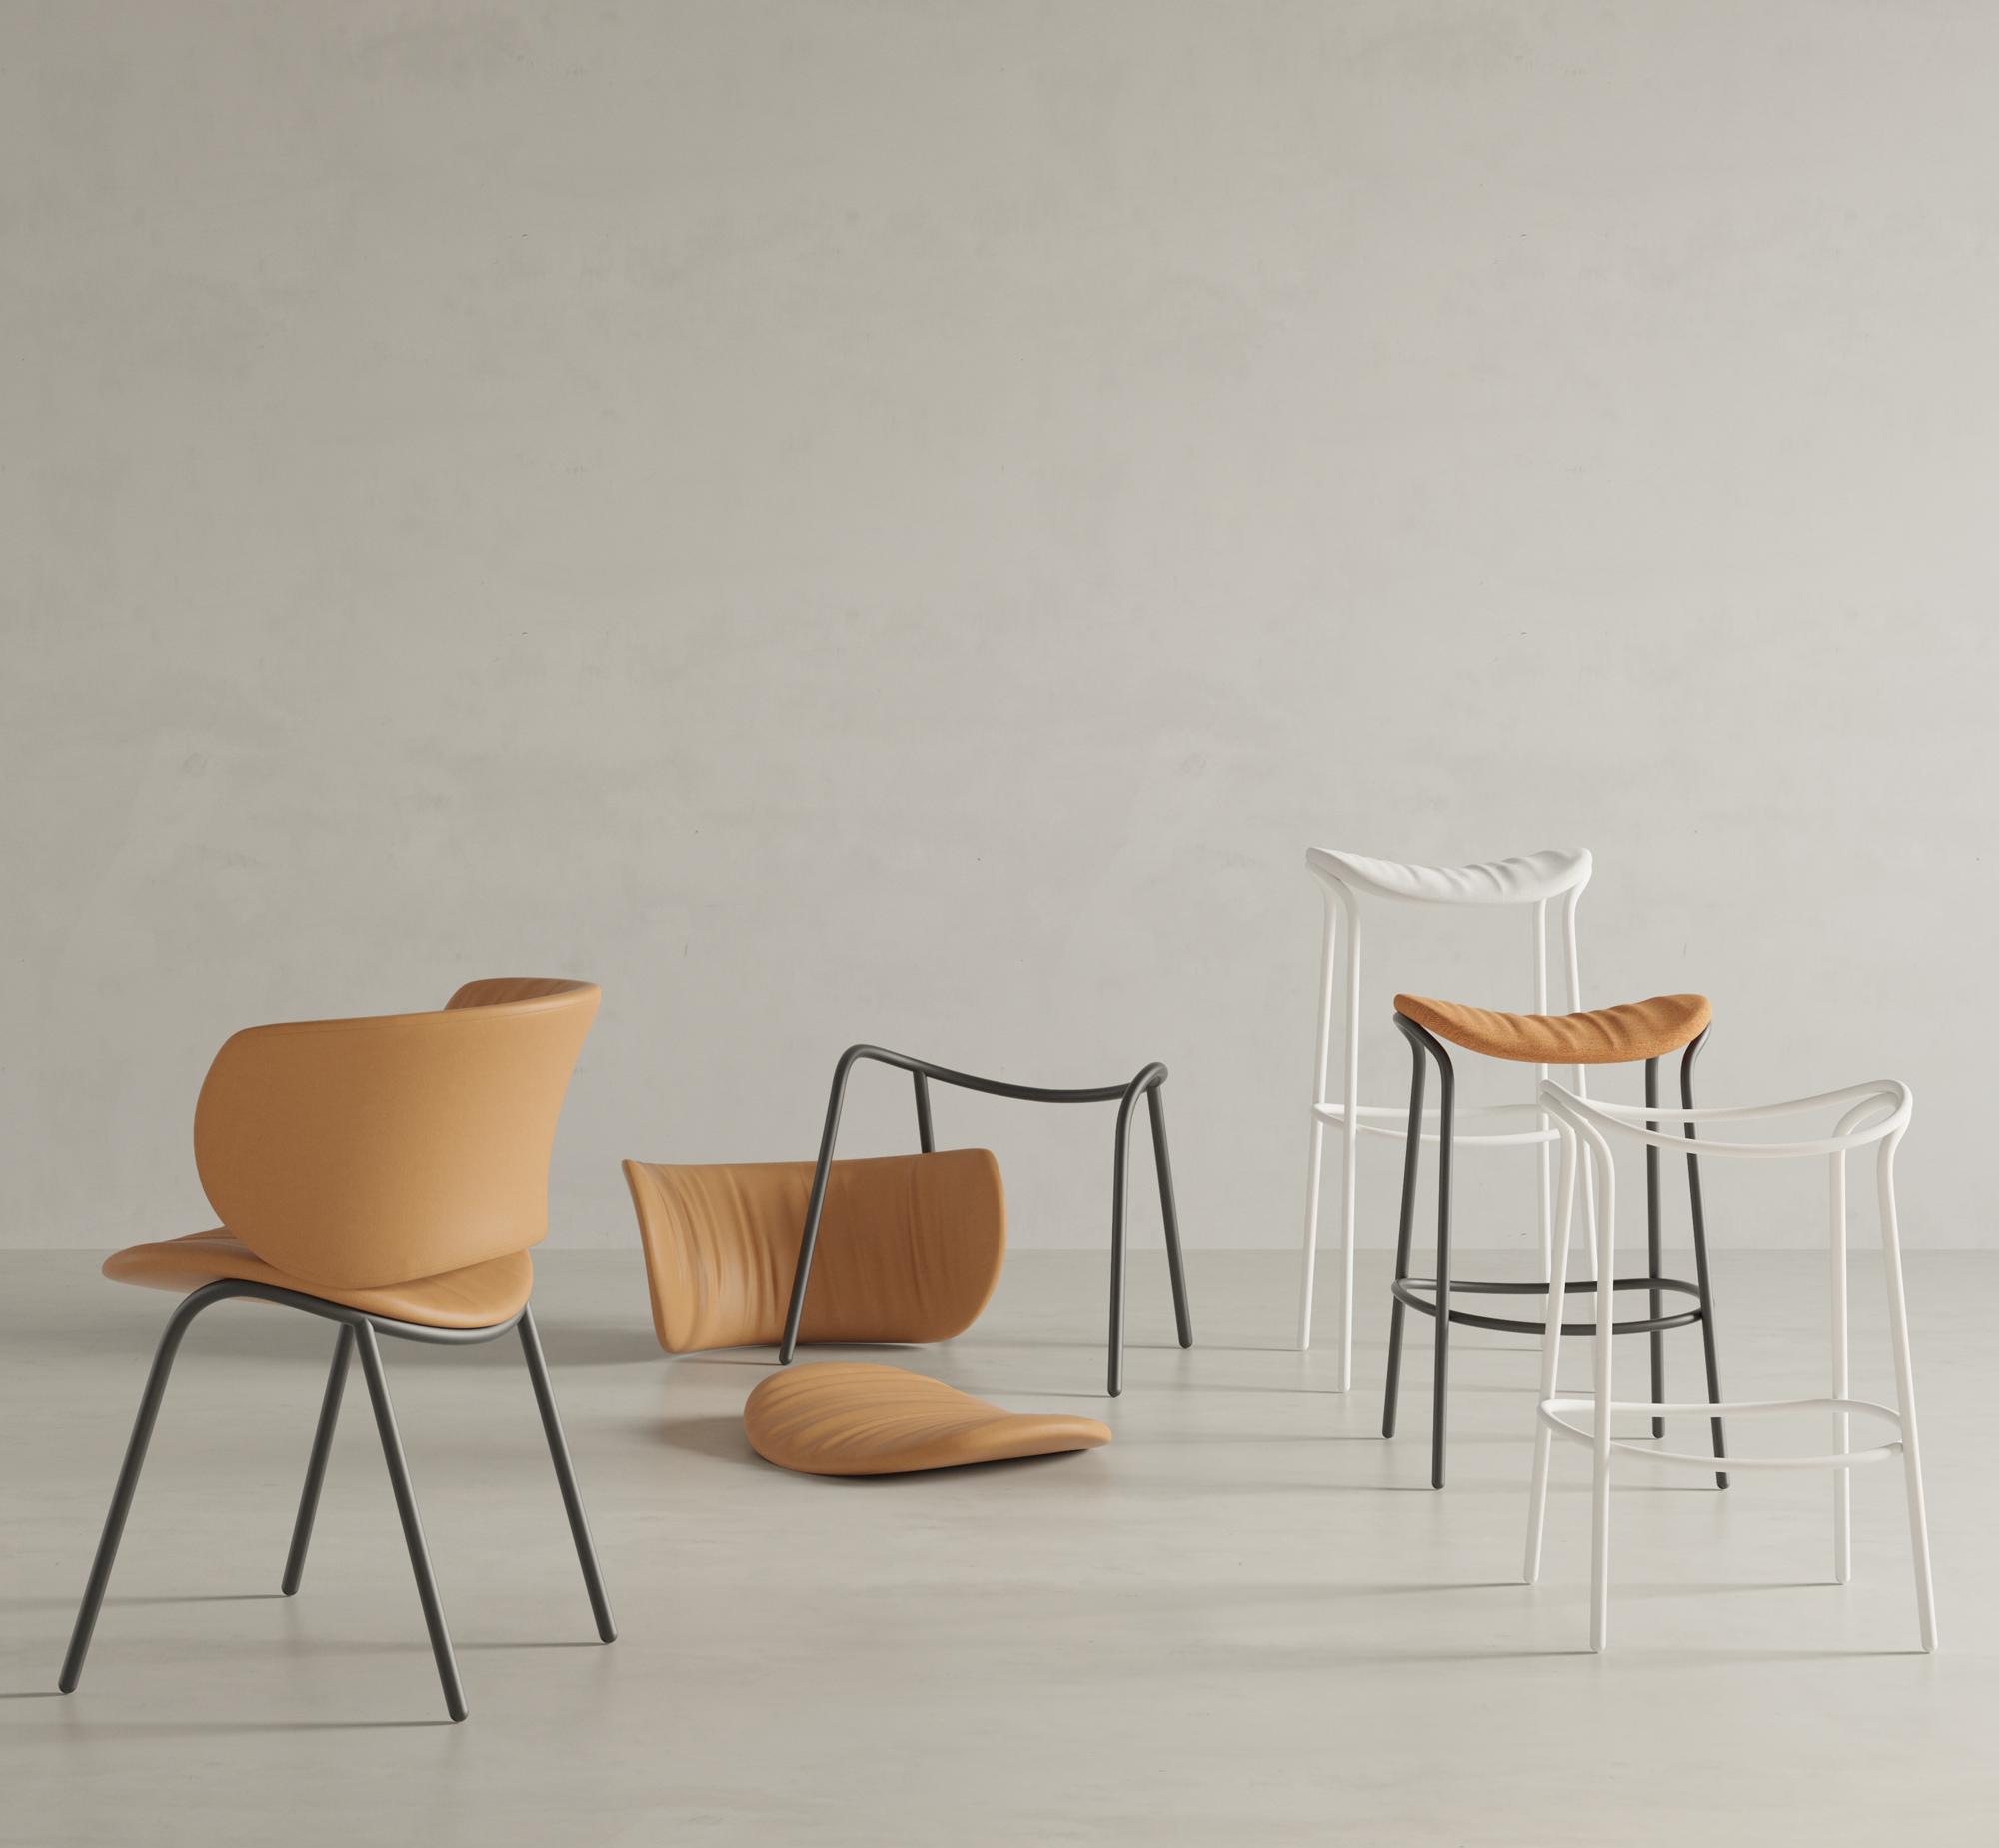 Nachhaltige Sitzmöbelkollektion von Stefan Diez für Viccarbe